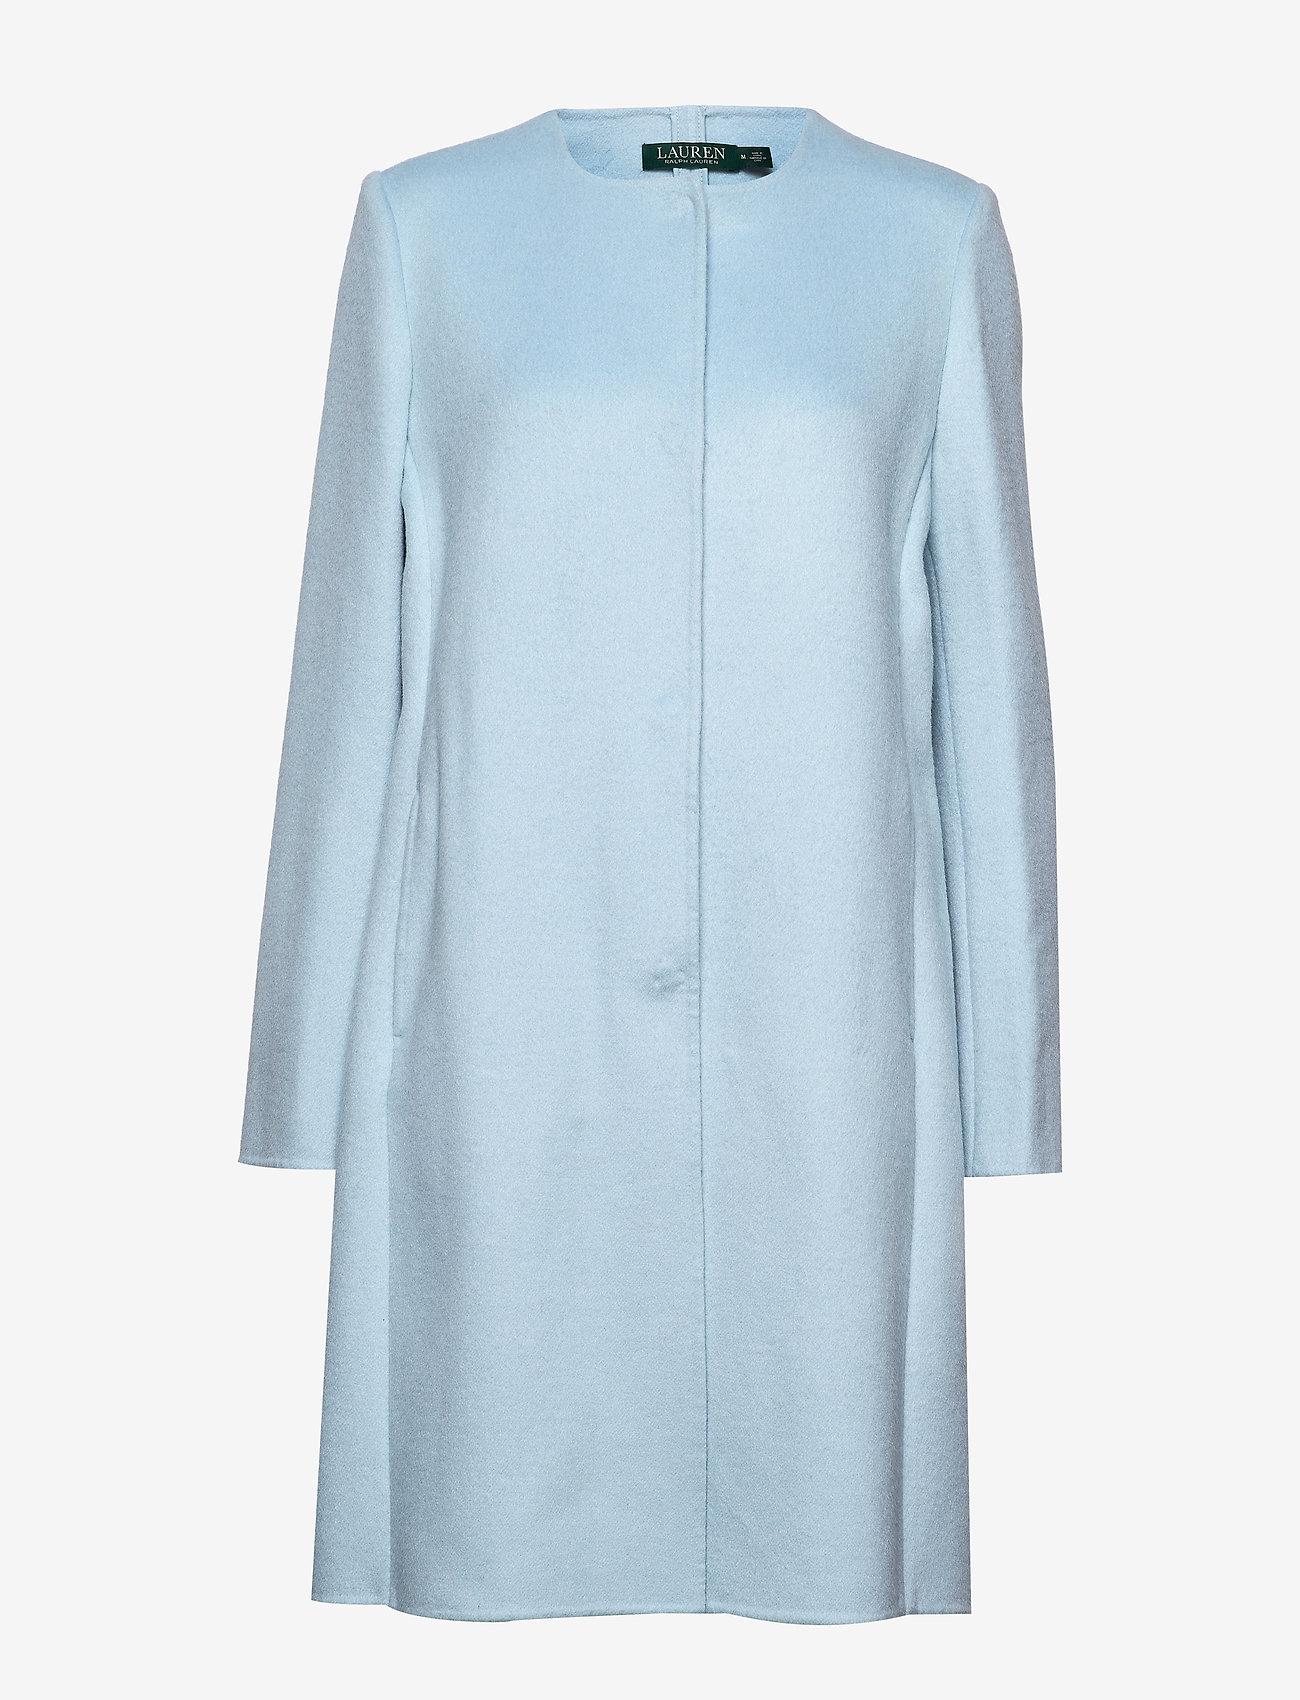 Belted Wool Coat (Light Blue) - Lauren Ralph Lauren UdZWzZ